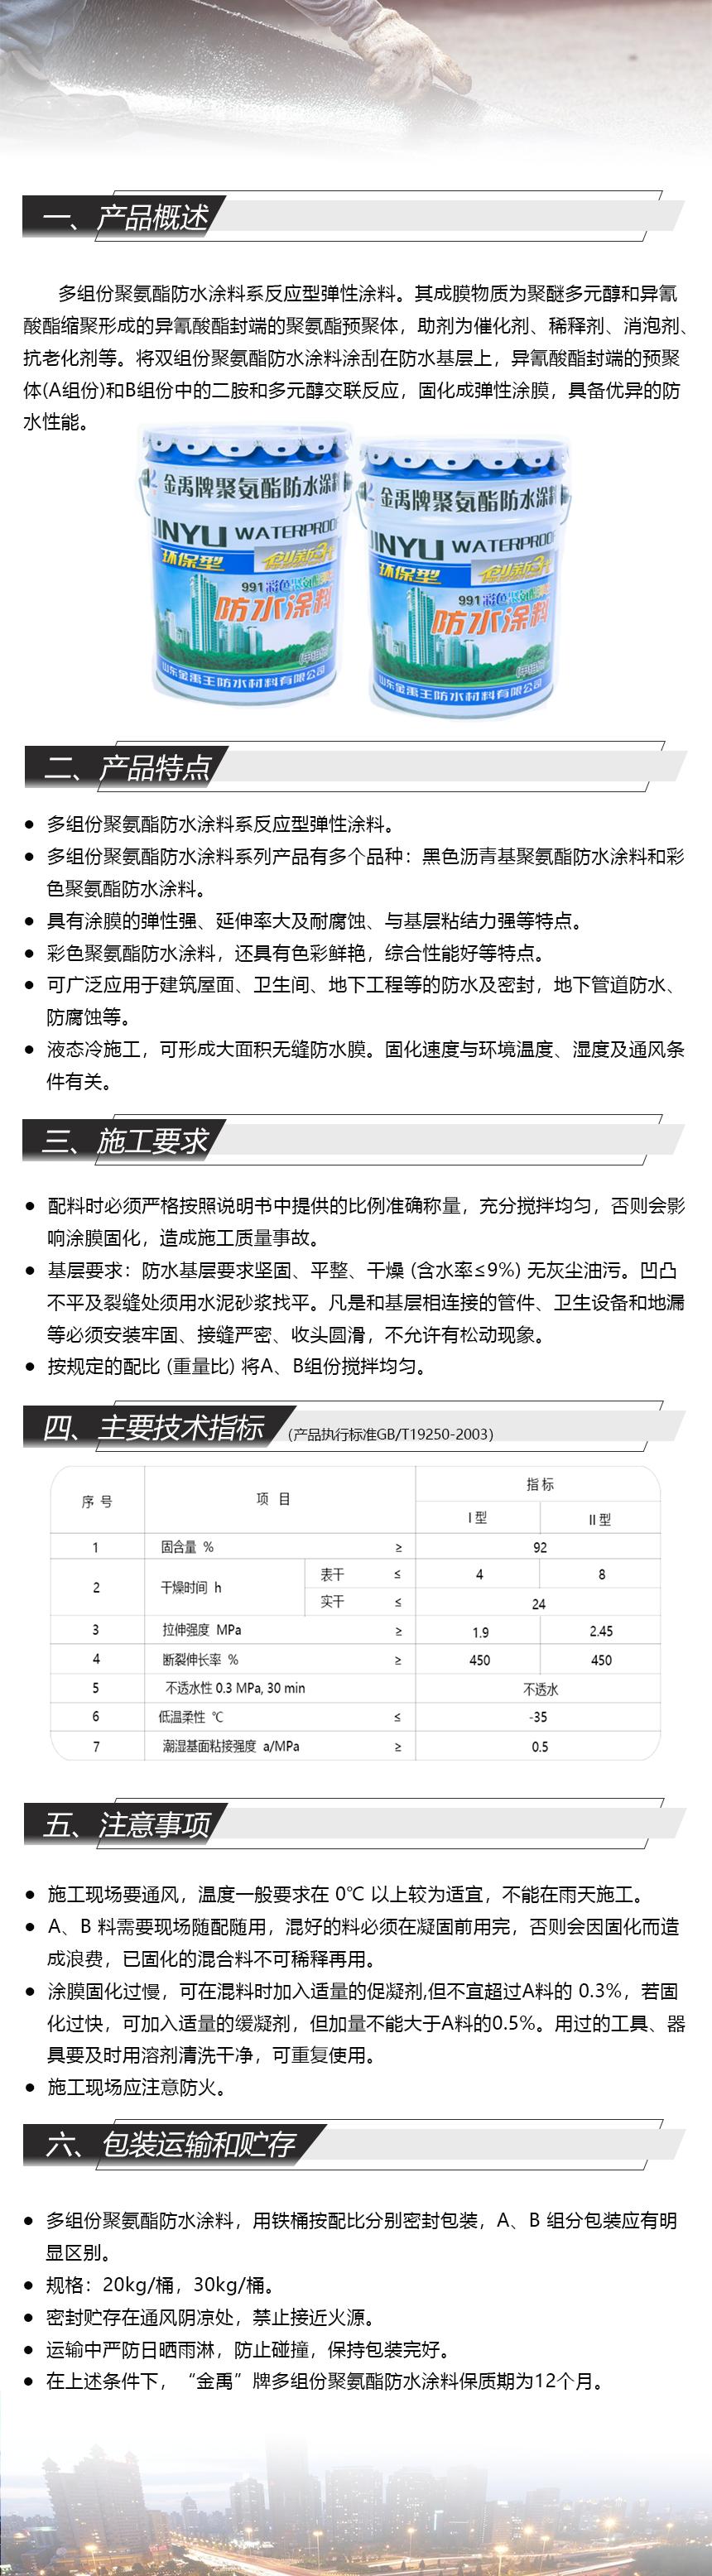 道桥用改性沥青防水涂料   (50~51).png